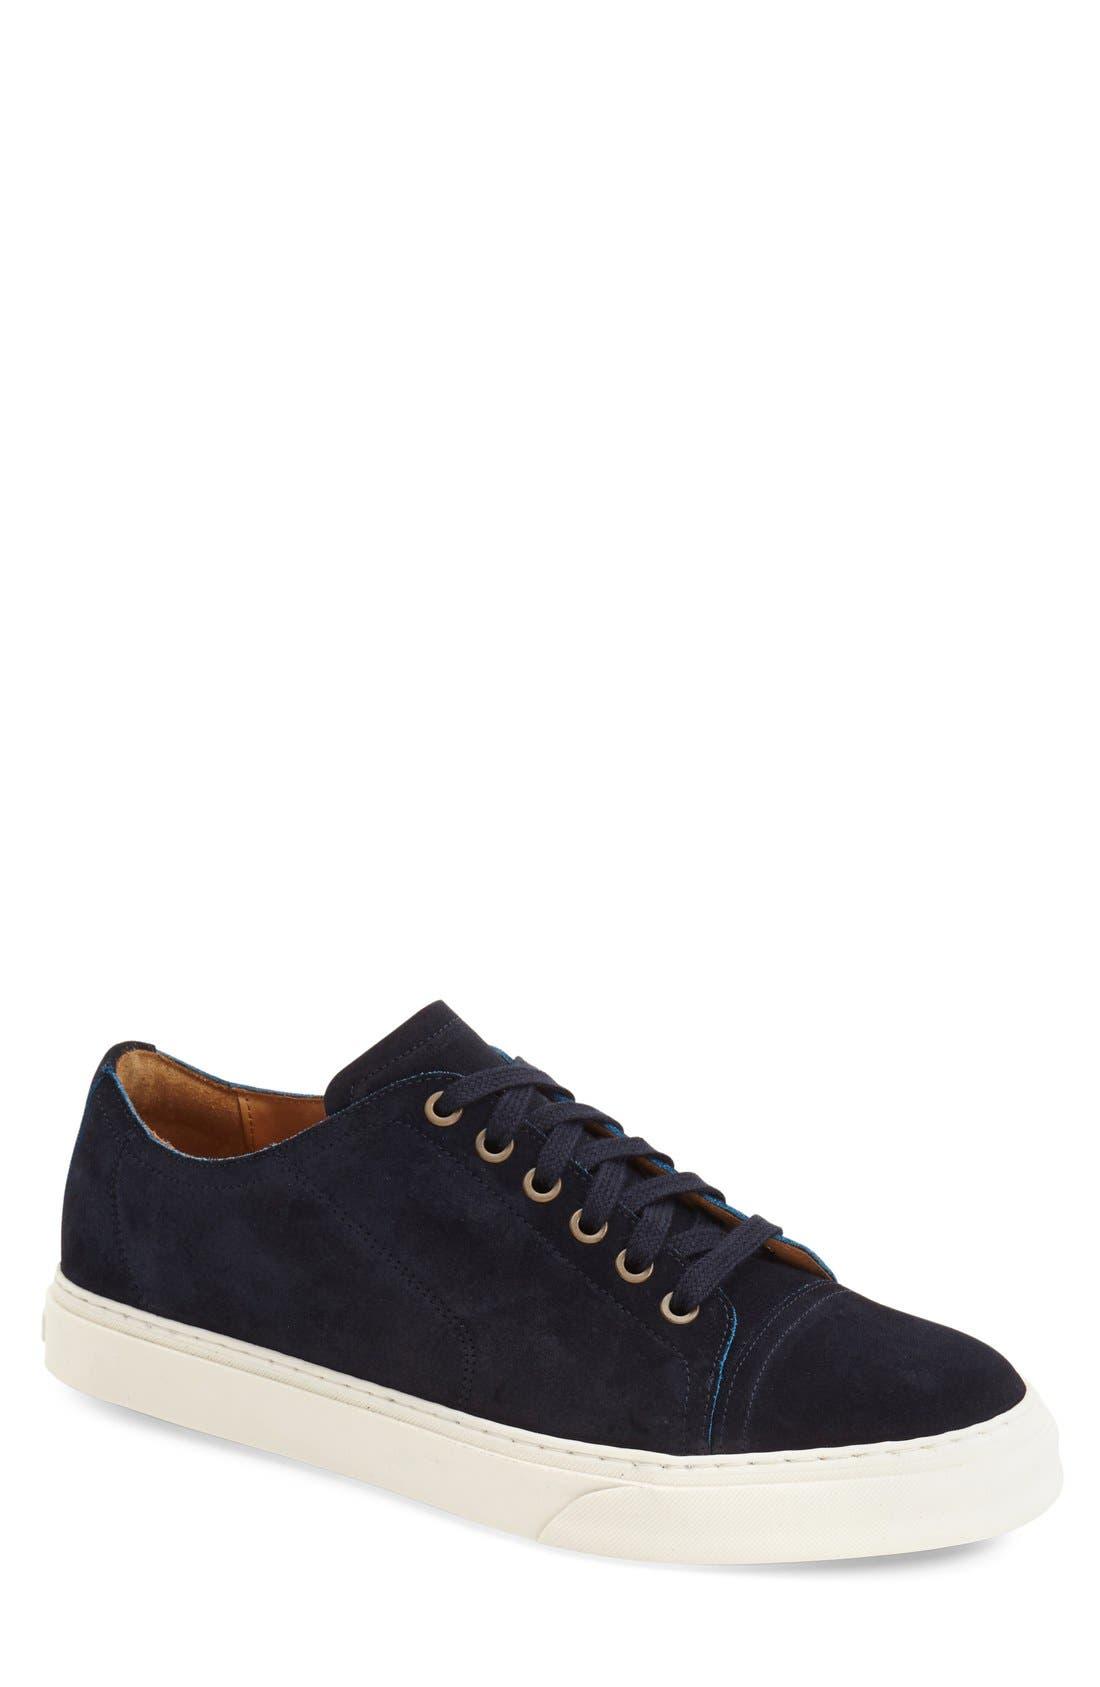 'Quort' Sneaker,                         Main,                         color, Navy Suede